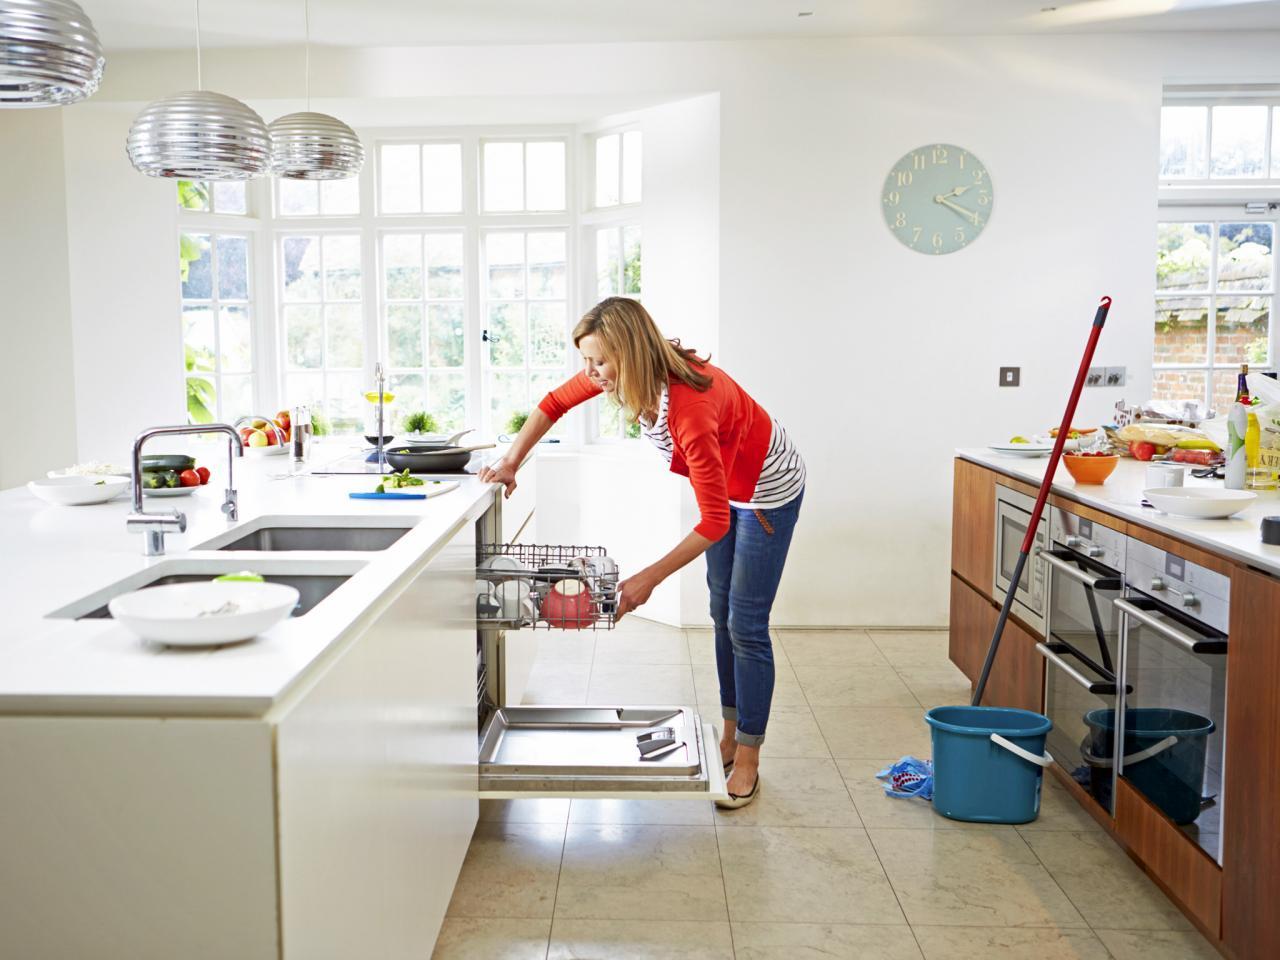 تنظيف في المنزل